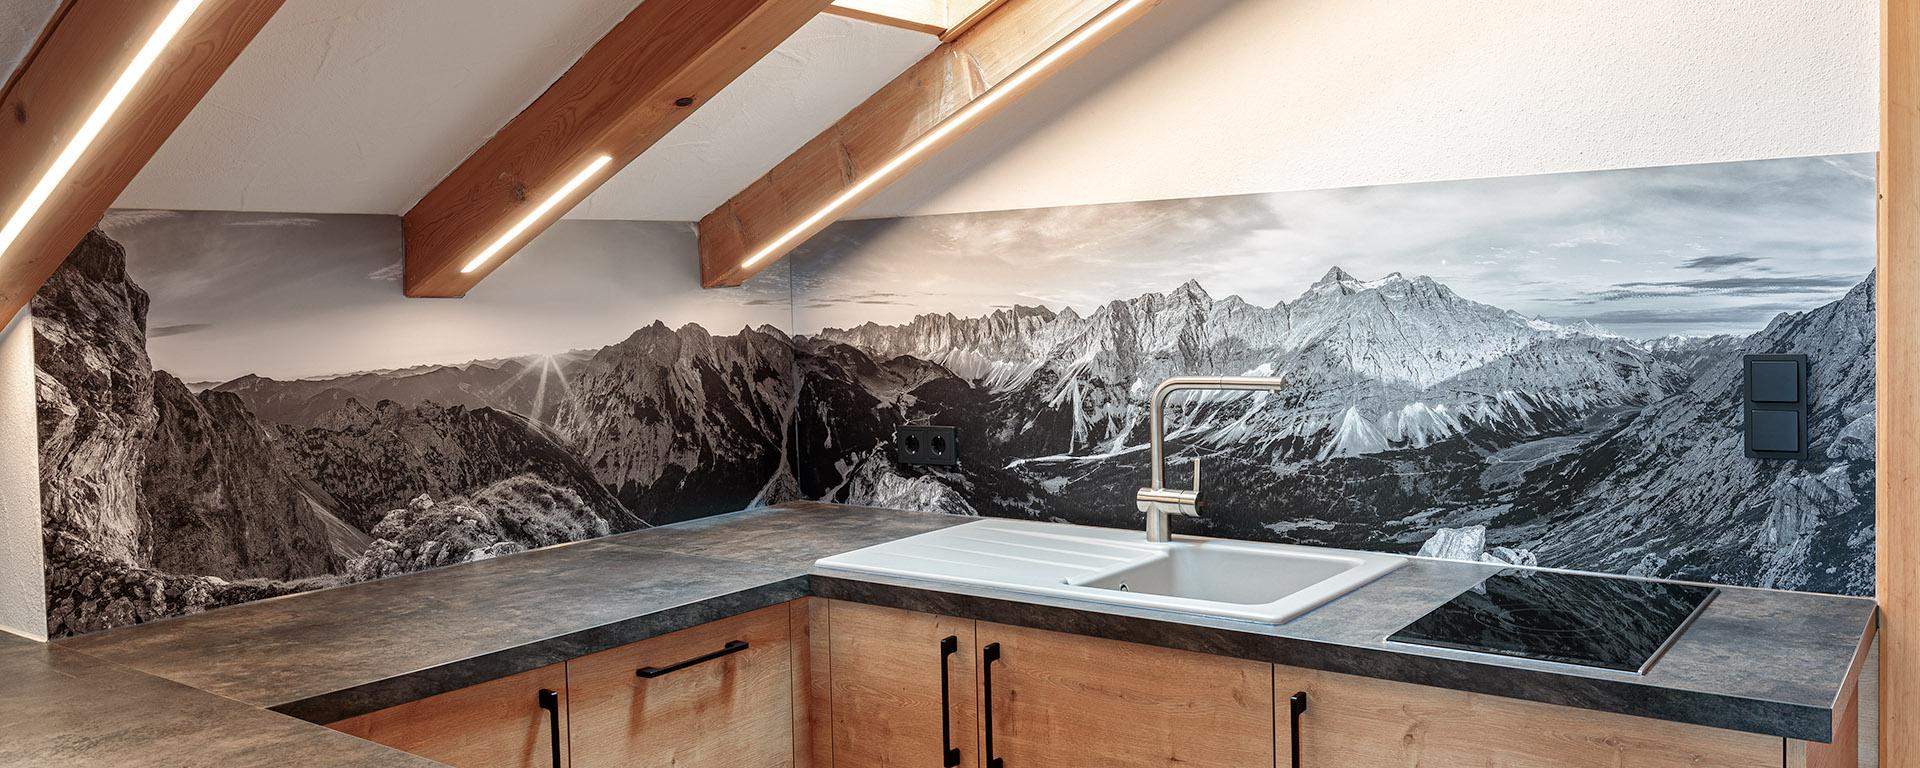 Küchenrückwand mit Bergpanorama schwarz weiß - Spritzschutz Küche